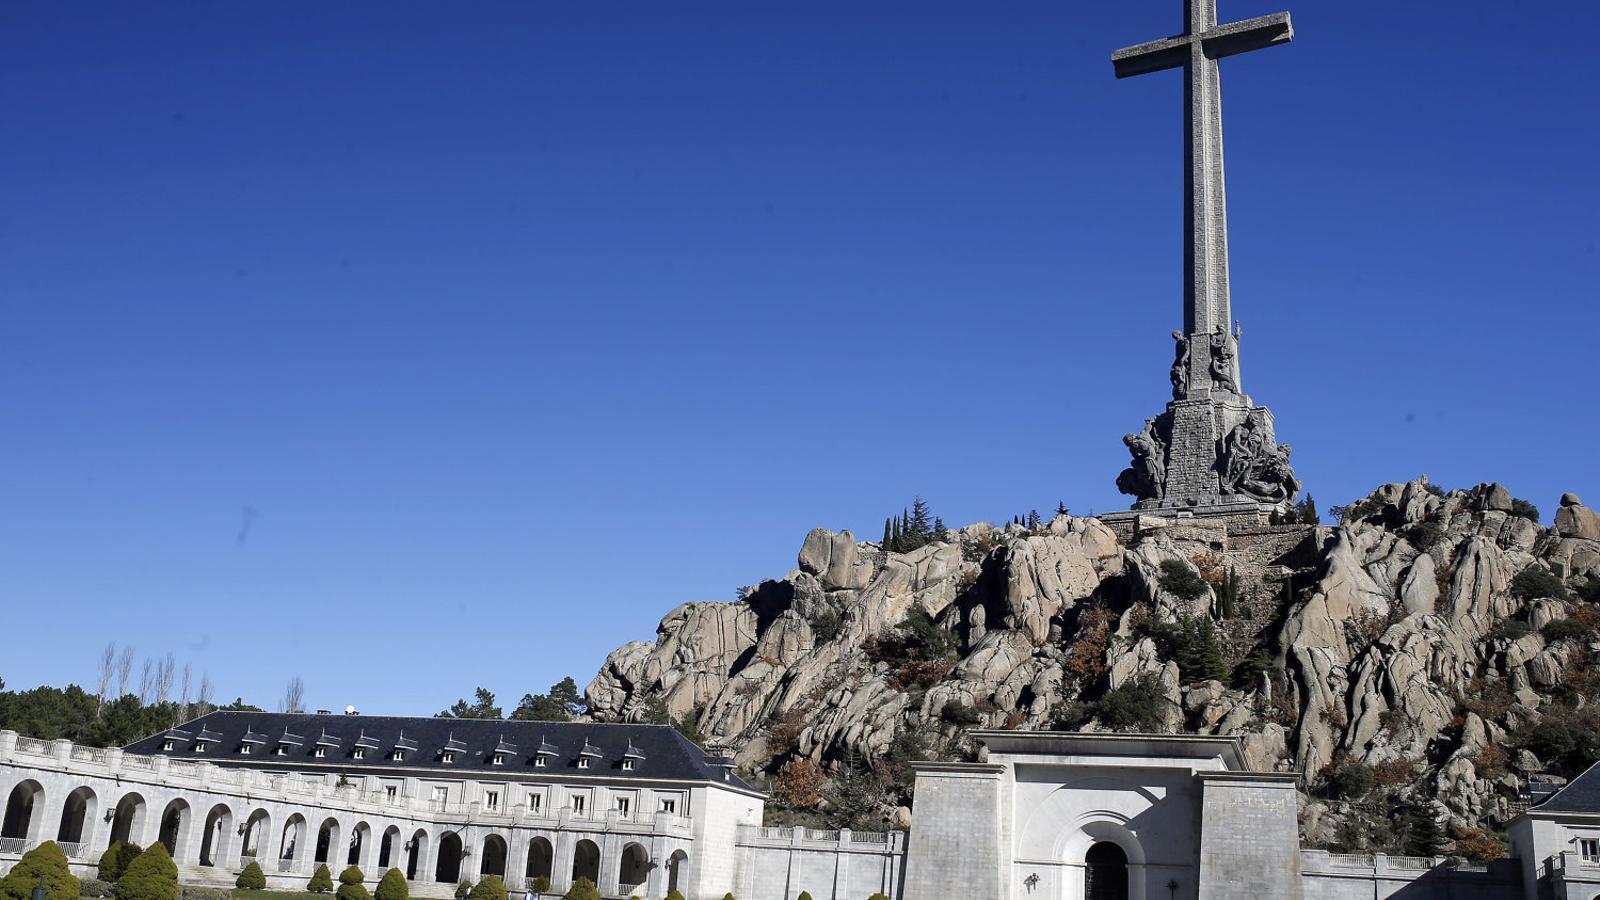 El govern espanyol seguirà endavant amb l'exhumació de Franco tot i l'oposició del prior del Valle de los Caídos